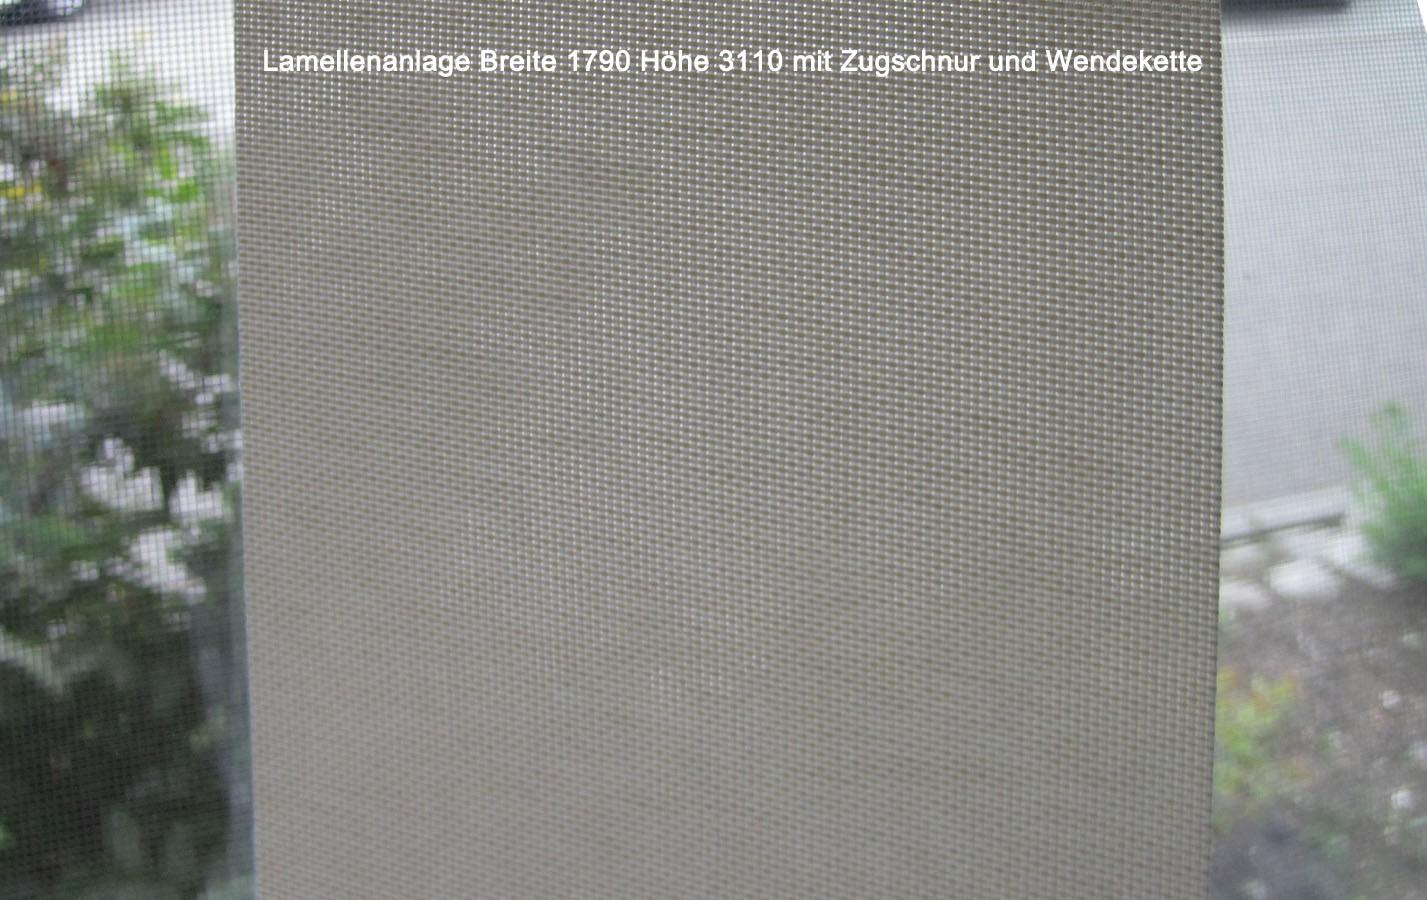 Lamellenanlage 1790 x 3110 (BxH) mit Zugschnur und Wendekette